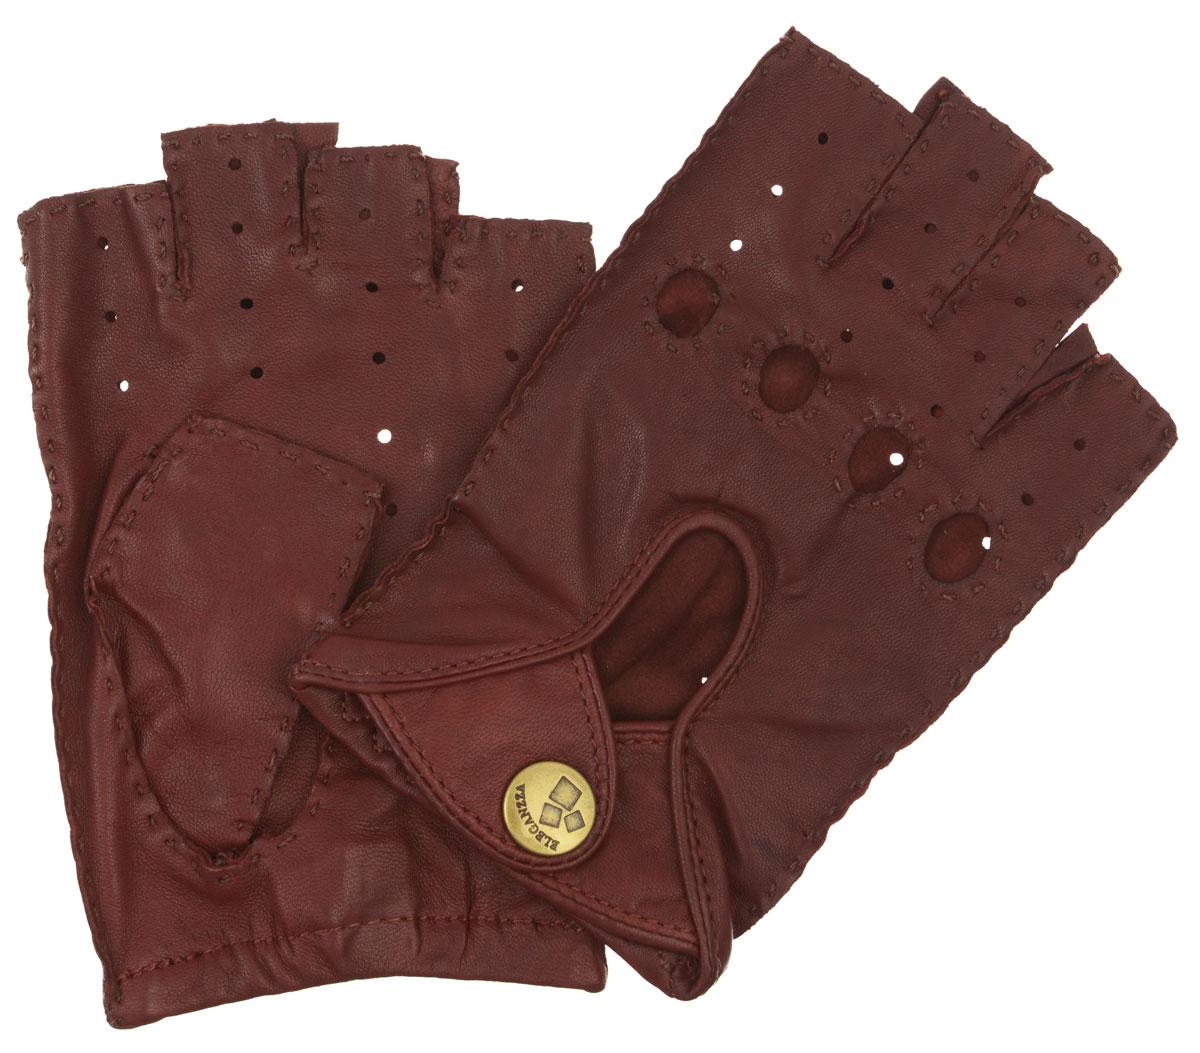 МитенкиHS012WМитенки Eleganzza изготовлены из натуральной кожи с перфорацией. Швы - наружные ручные. На лицевой стороне - декоративный вырез, два ремня, закрывающиеся по центру на кнопку и вырезы под косточки пальцев. Первоначально митенки использовались для защиты от холода при выполнении работ, требующих подвижности пальцев. Но начиная с XVIII века митенки стали использоваться как модный женский аксессуар, дамы носили митенки и в помещениях, соответственно митенки выполняли больше эстетическую, а не практическую функцию. Такая мода продержалась и в XIX веке. Использовались как простые вязаные митенки, так и кружевные, причем они могли по длине доходить как до середины руки, так и до локтя. В России митенки использовались еще в XIX веке и считались женскими перчатками. В настоящий момент митенки используются как женщинами, так и мужчинами, но все-таки в большей степени считаются женским аксессуаром одежды!